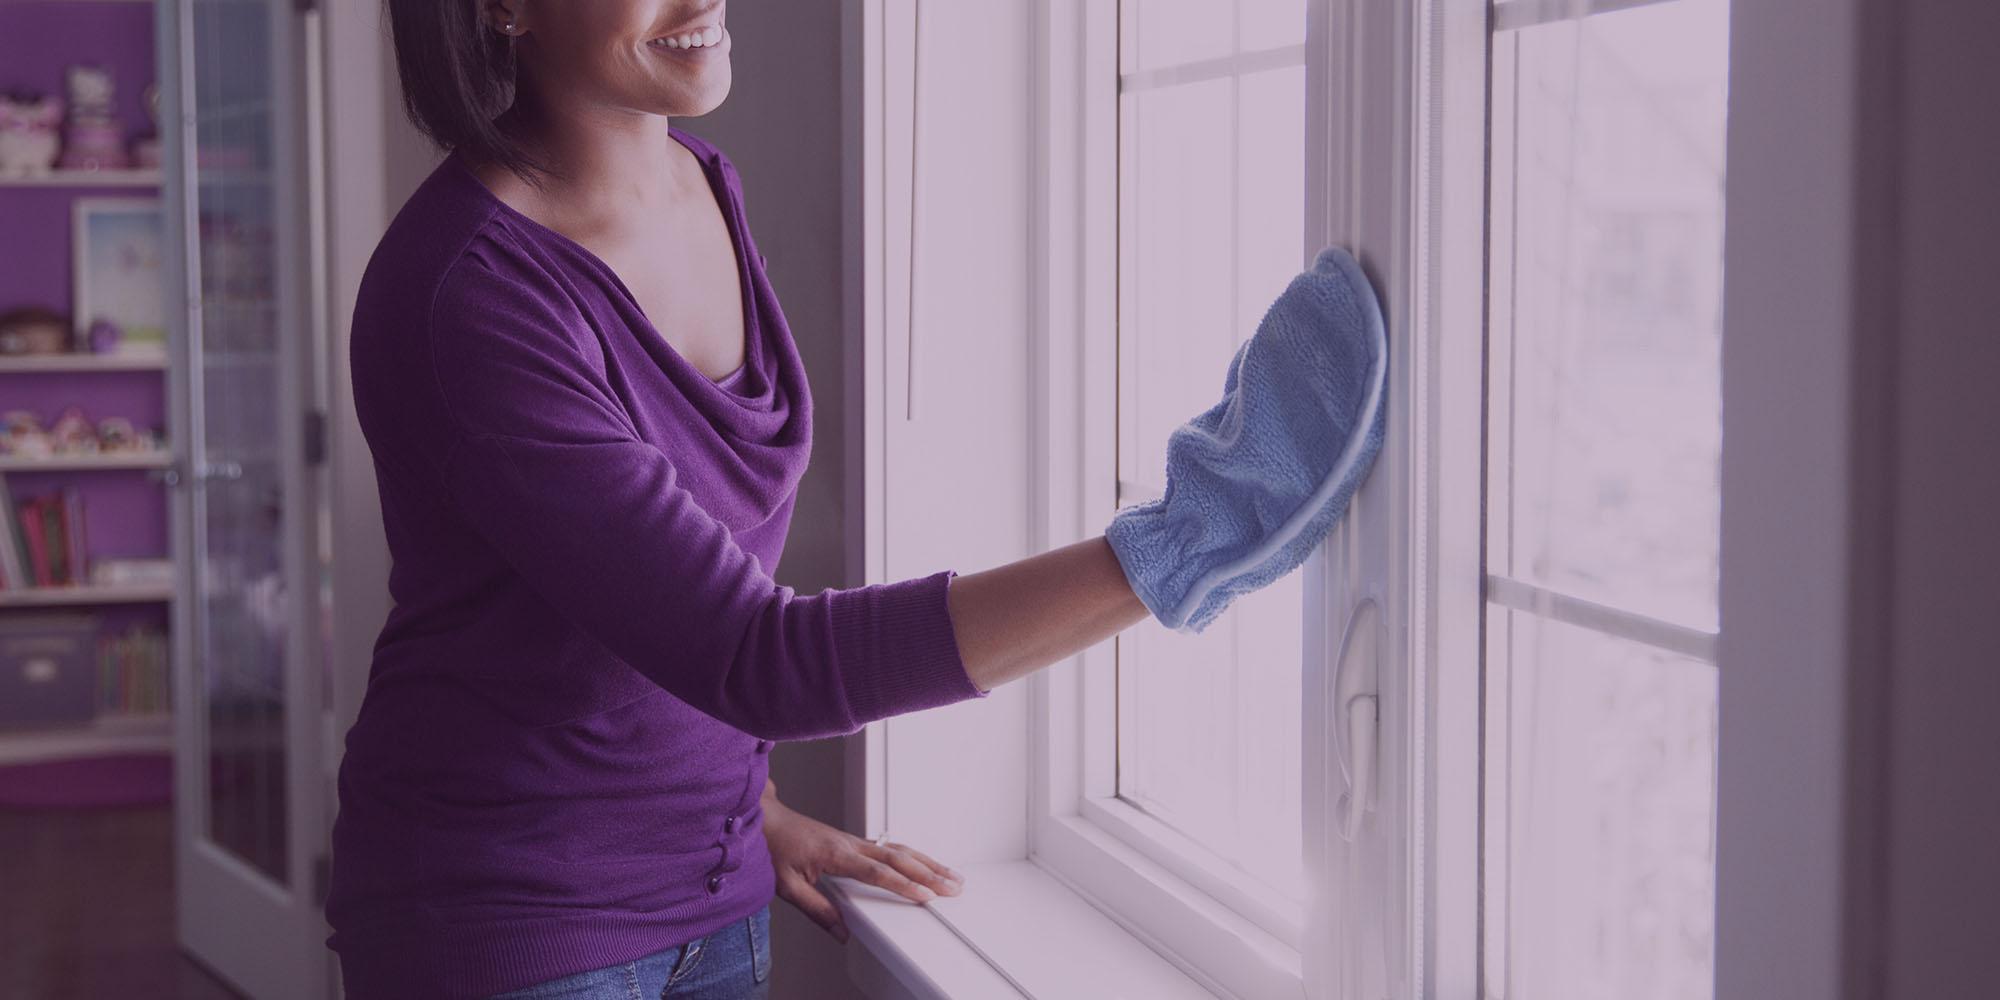 Personne nettoyant une fenêtre